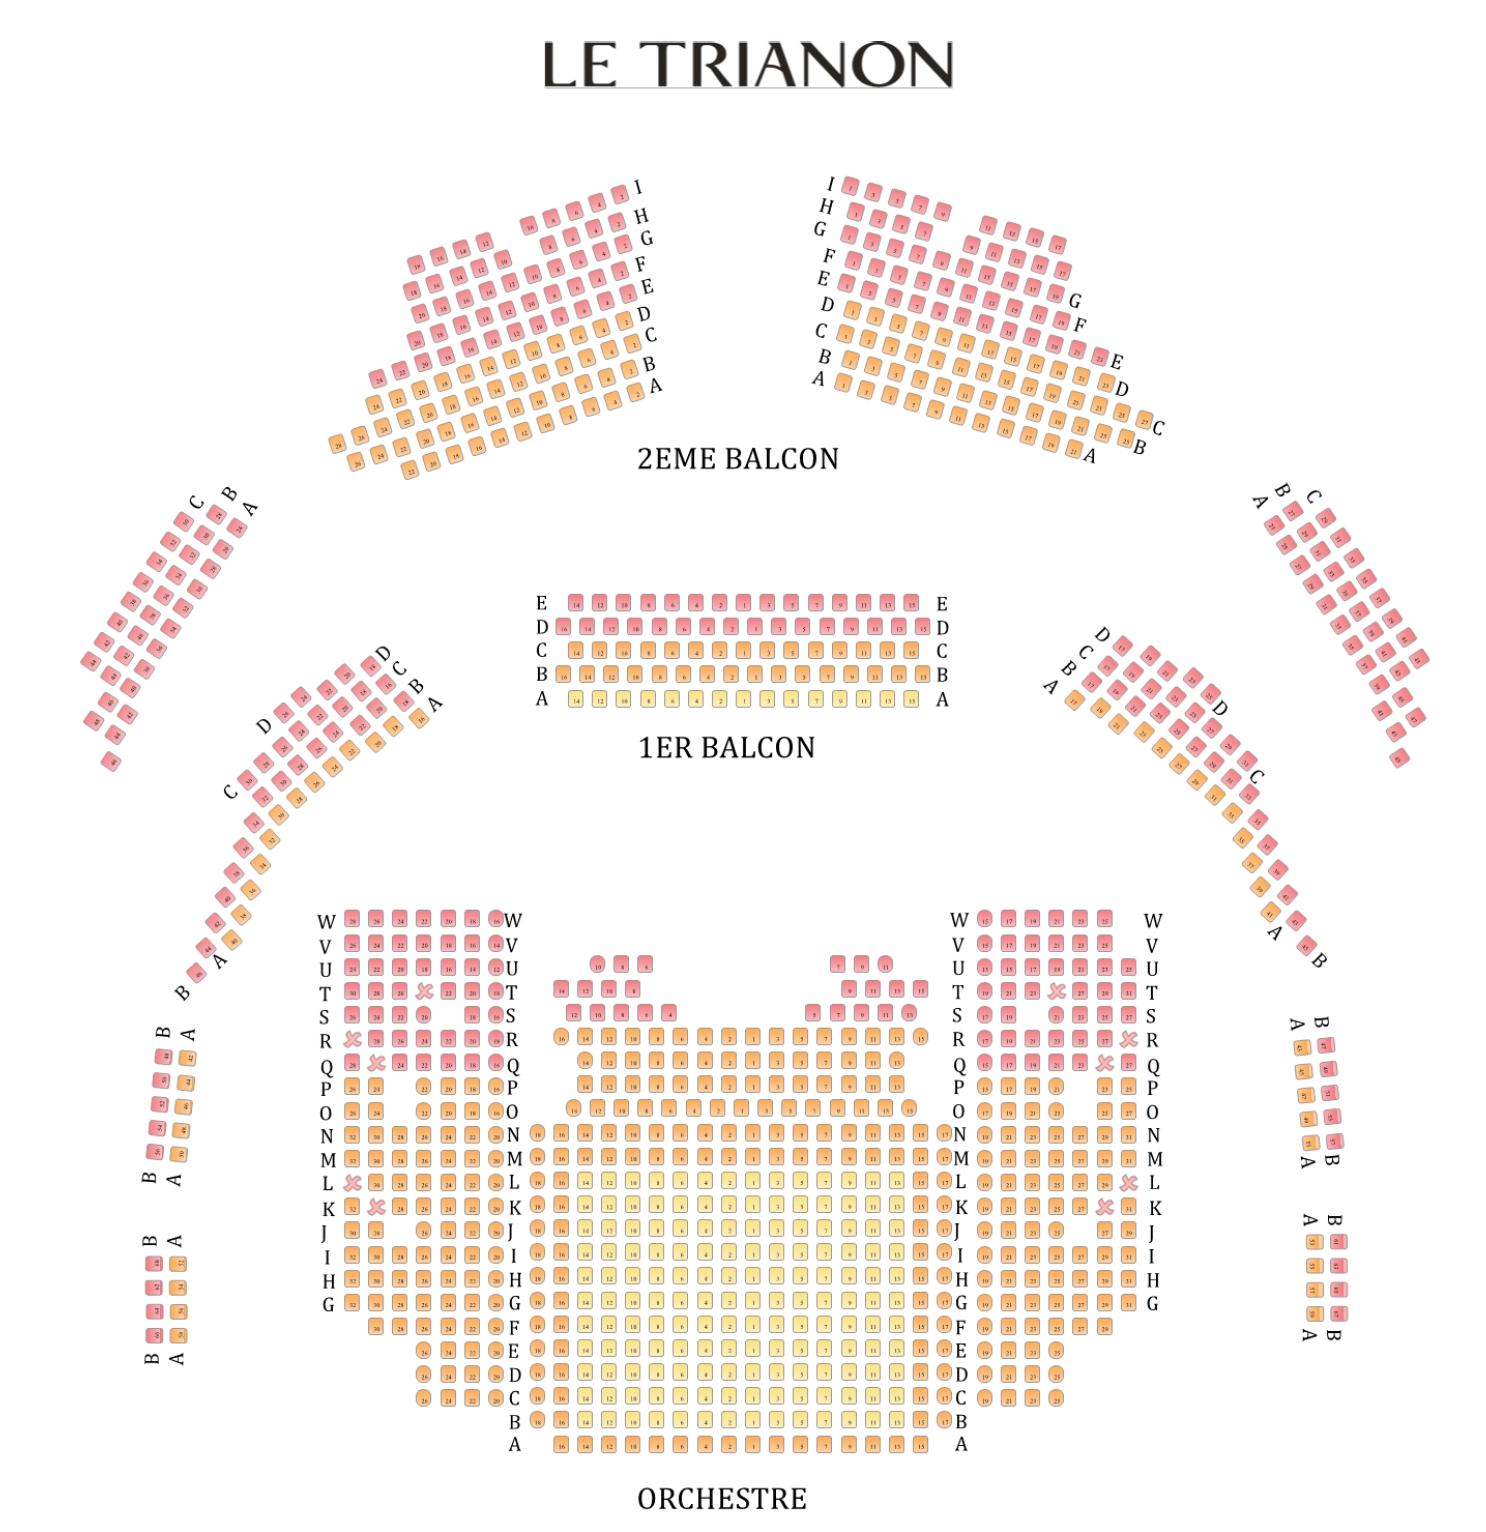 PARIS - LE TRIANON